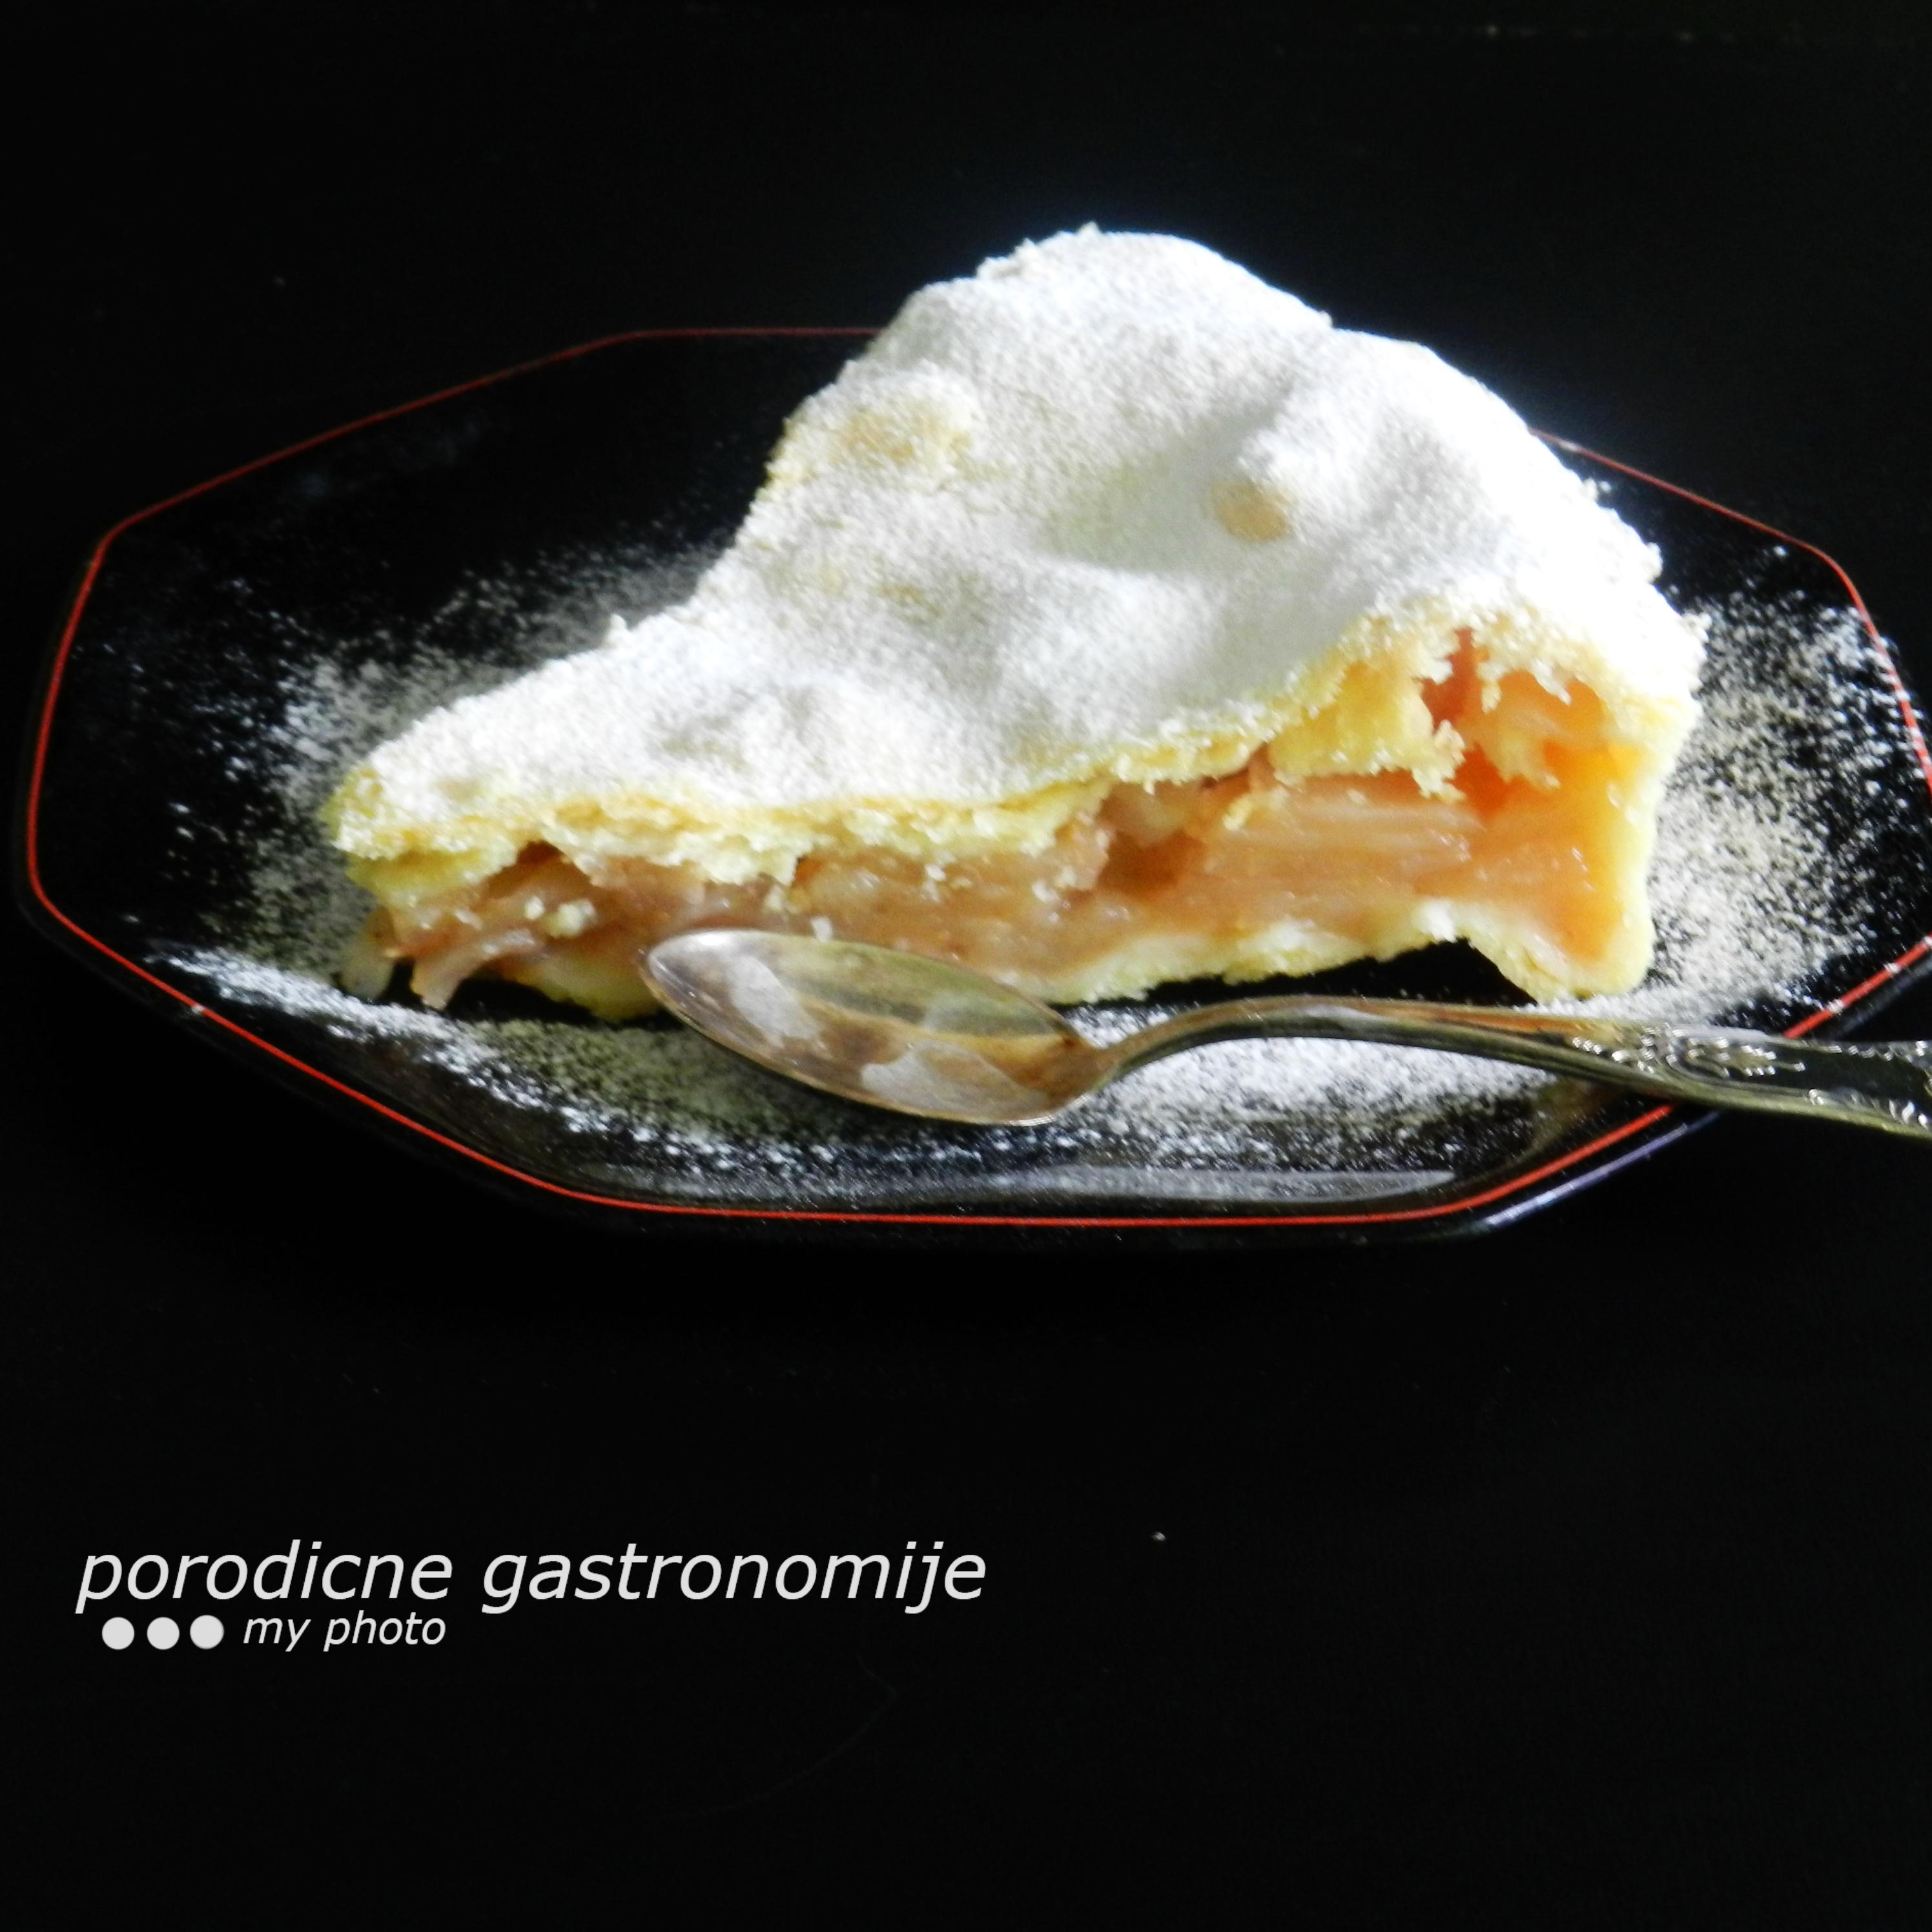 pita jabuka parce1 sa wm